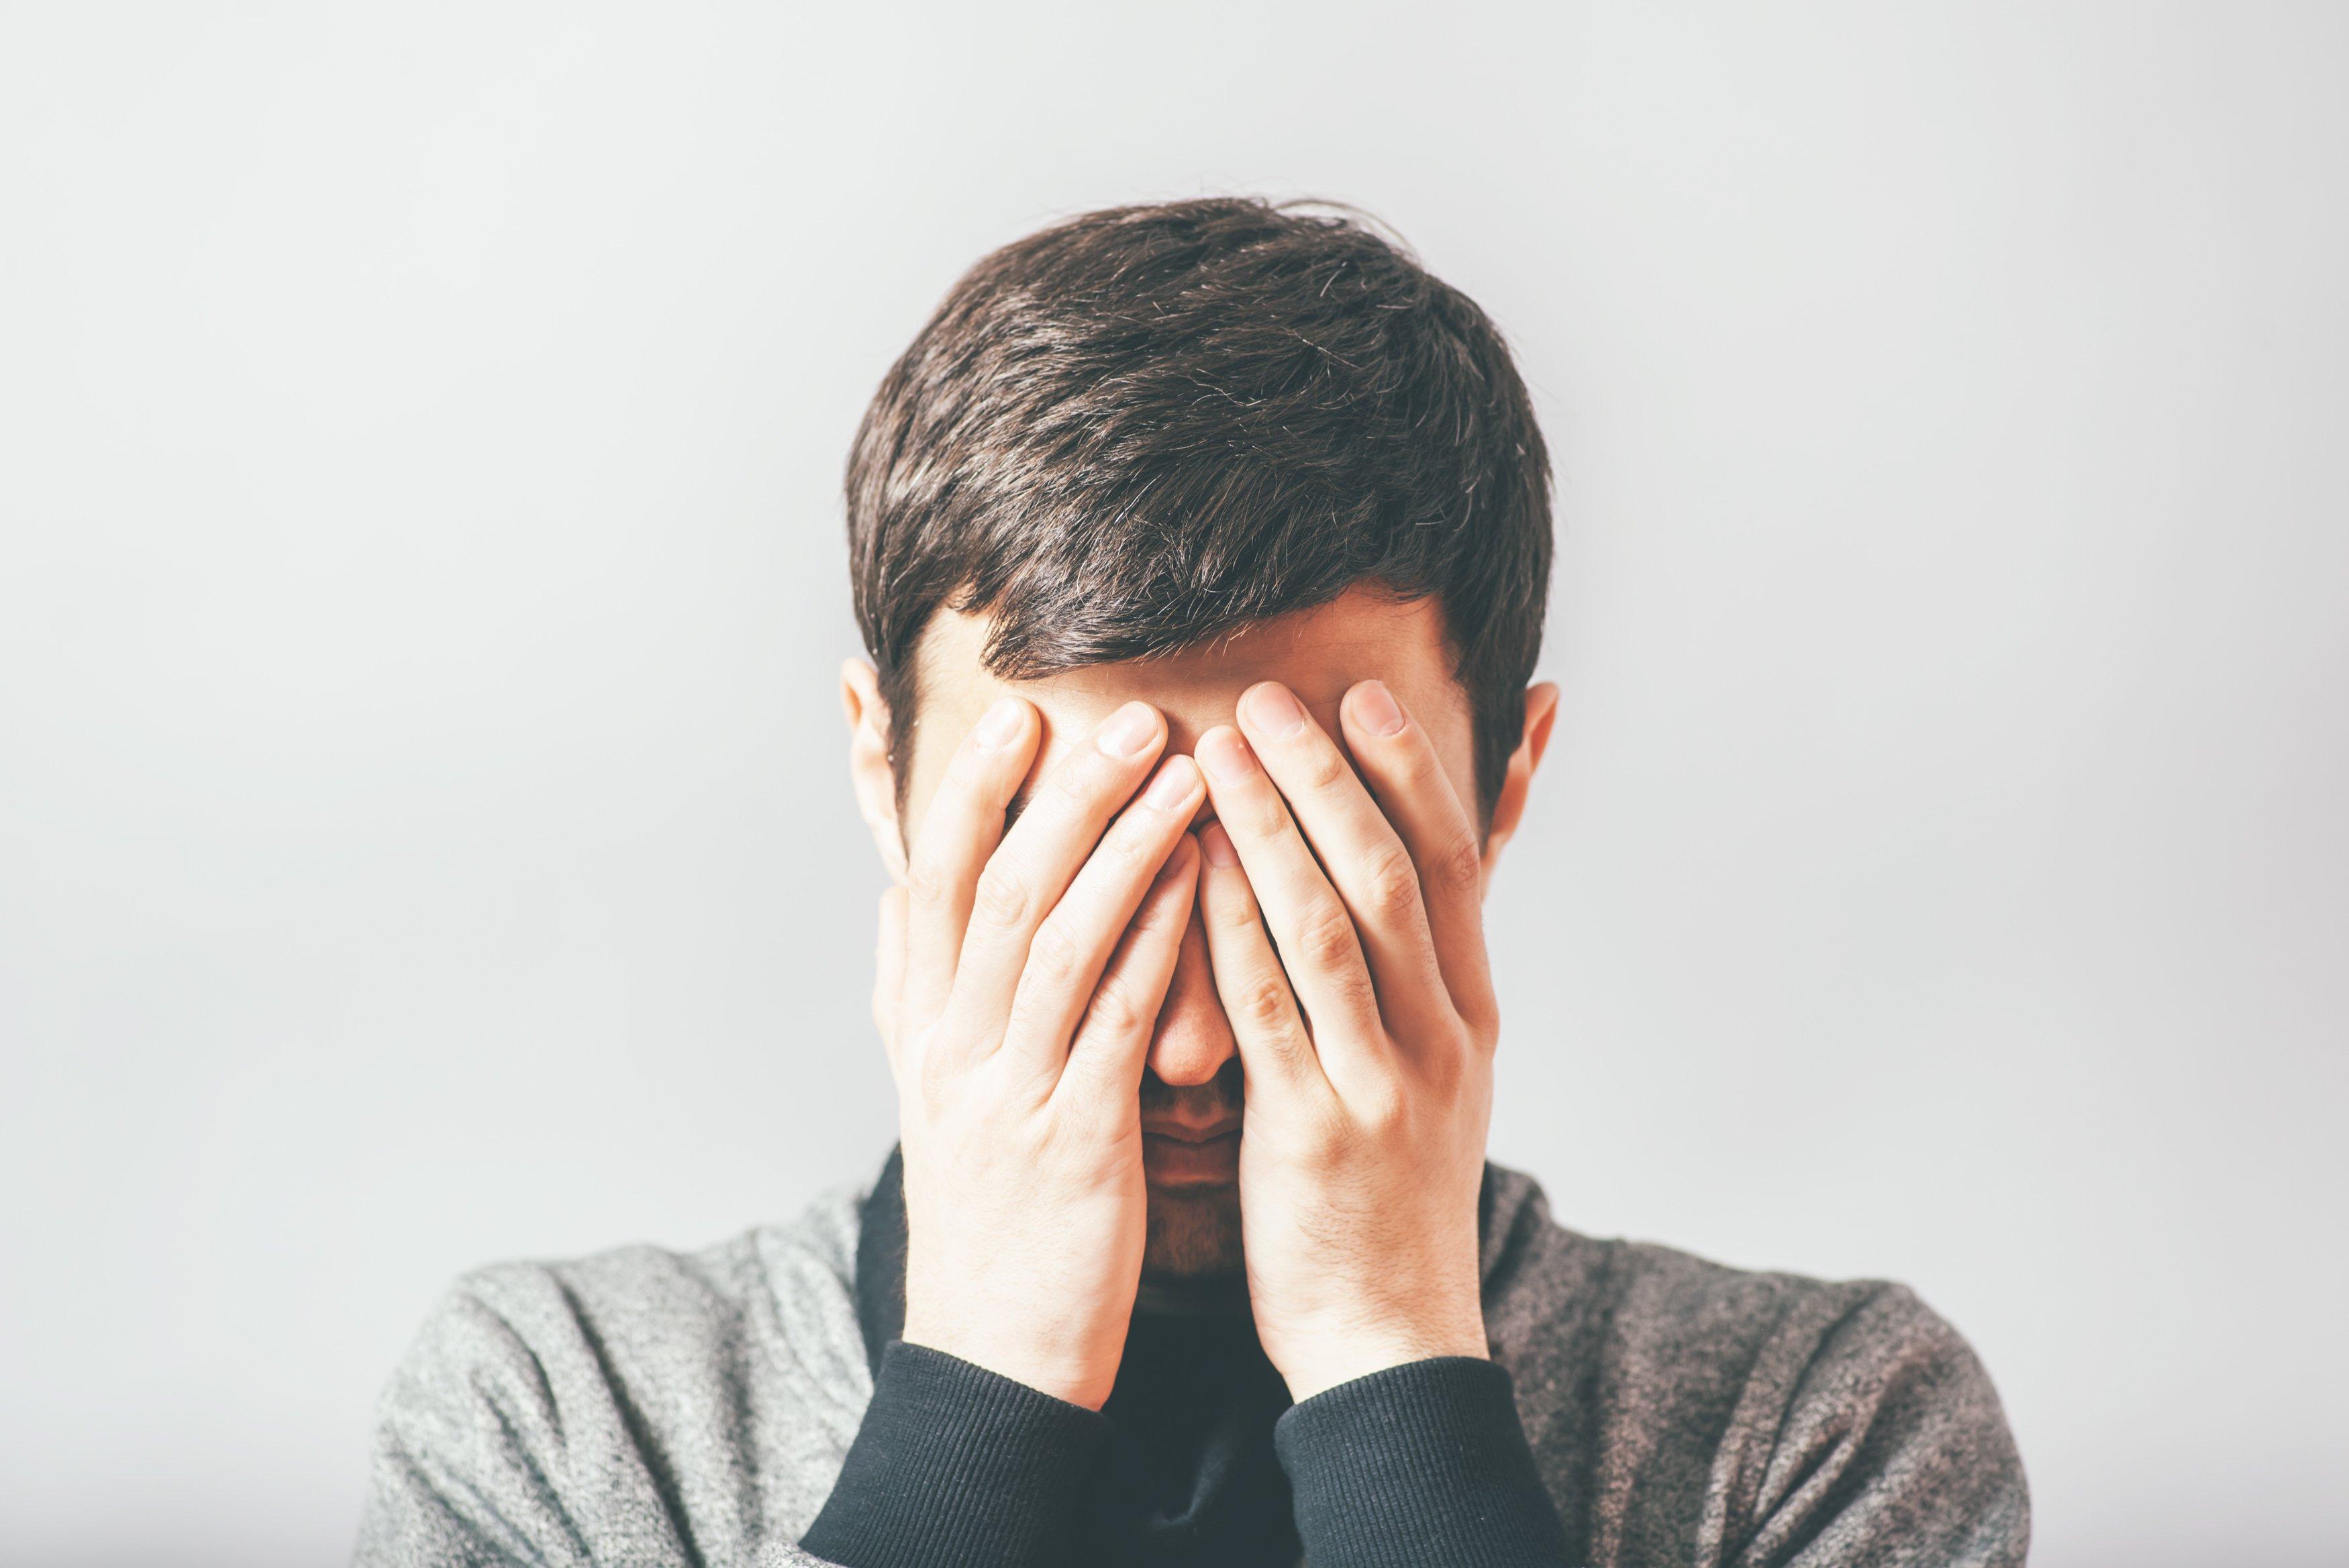 znasilnění muže